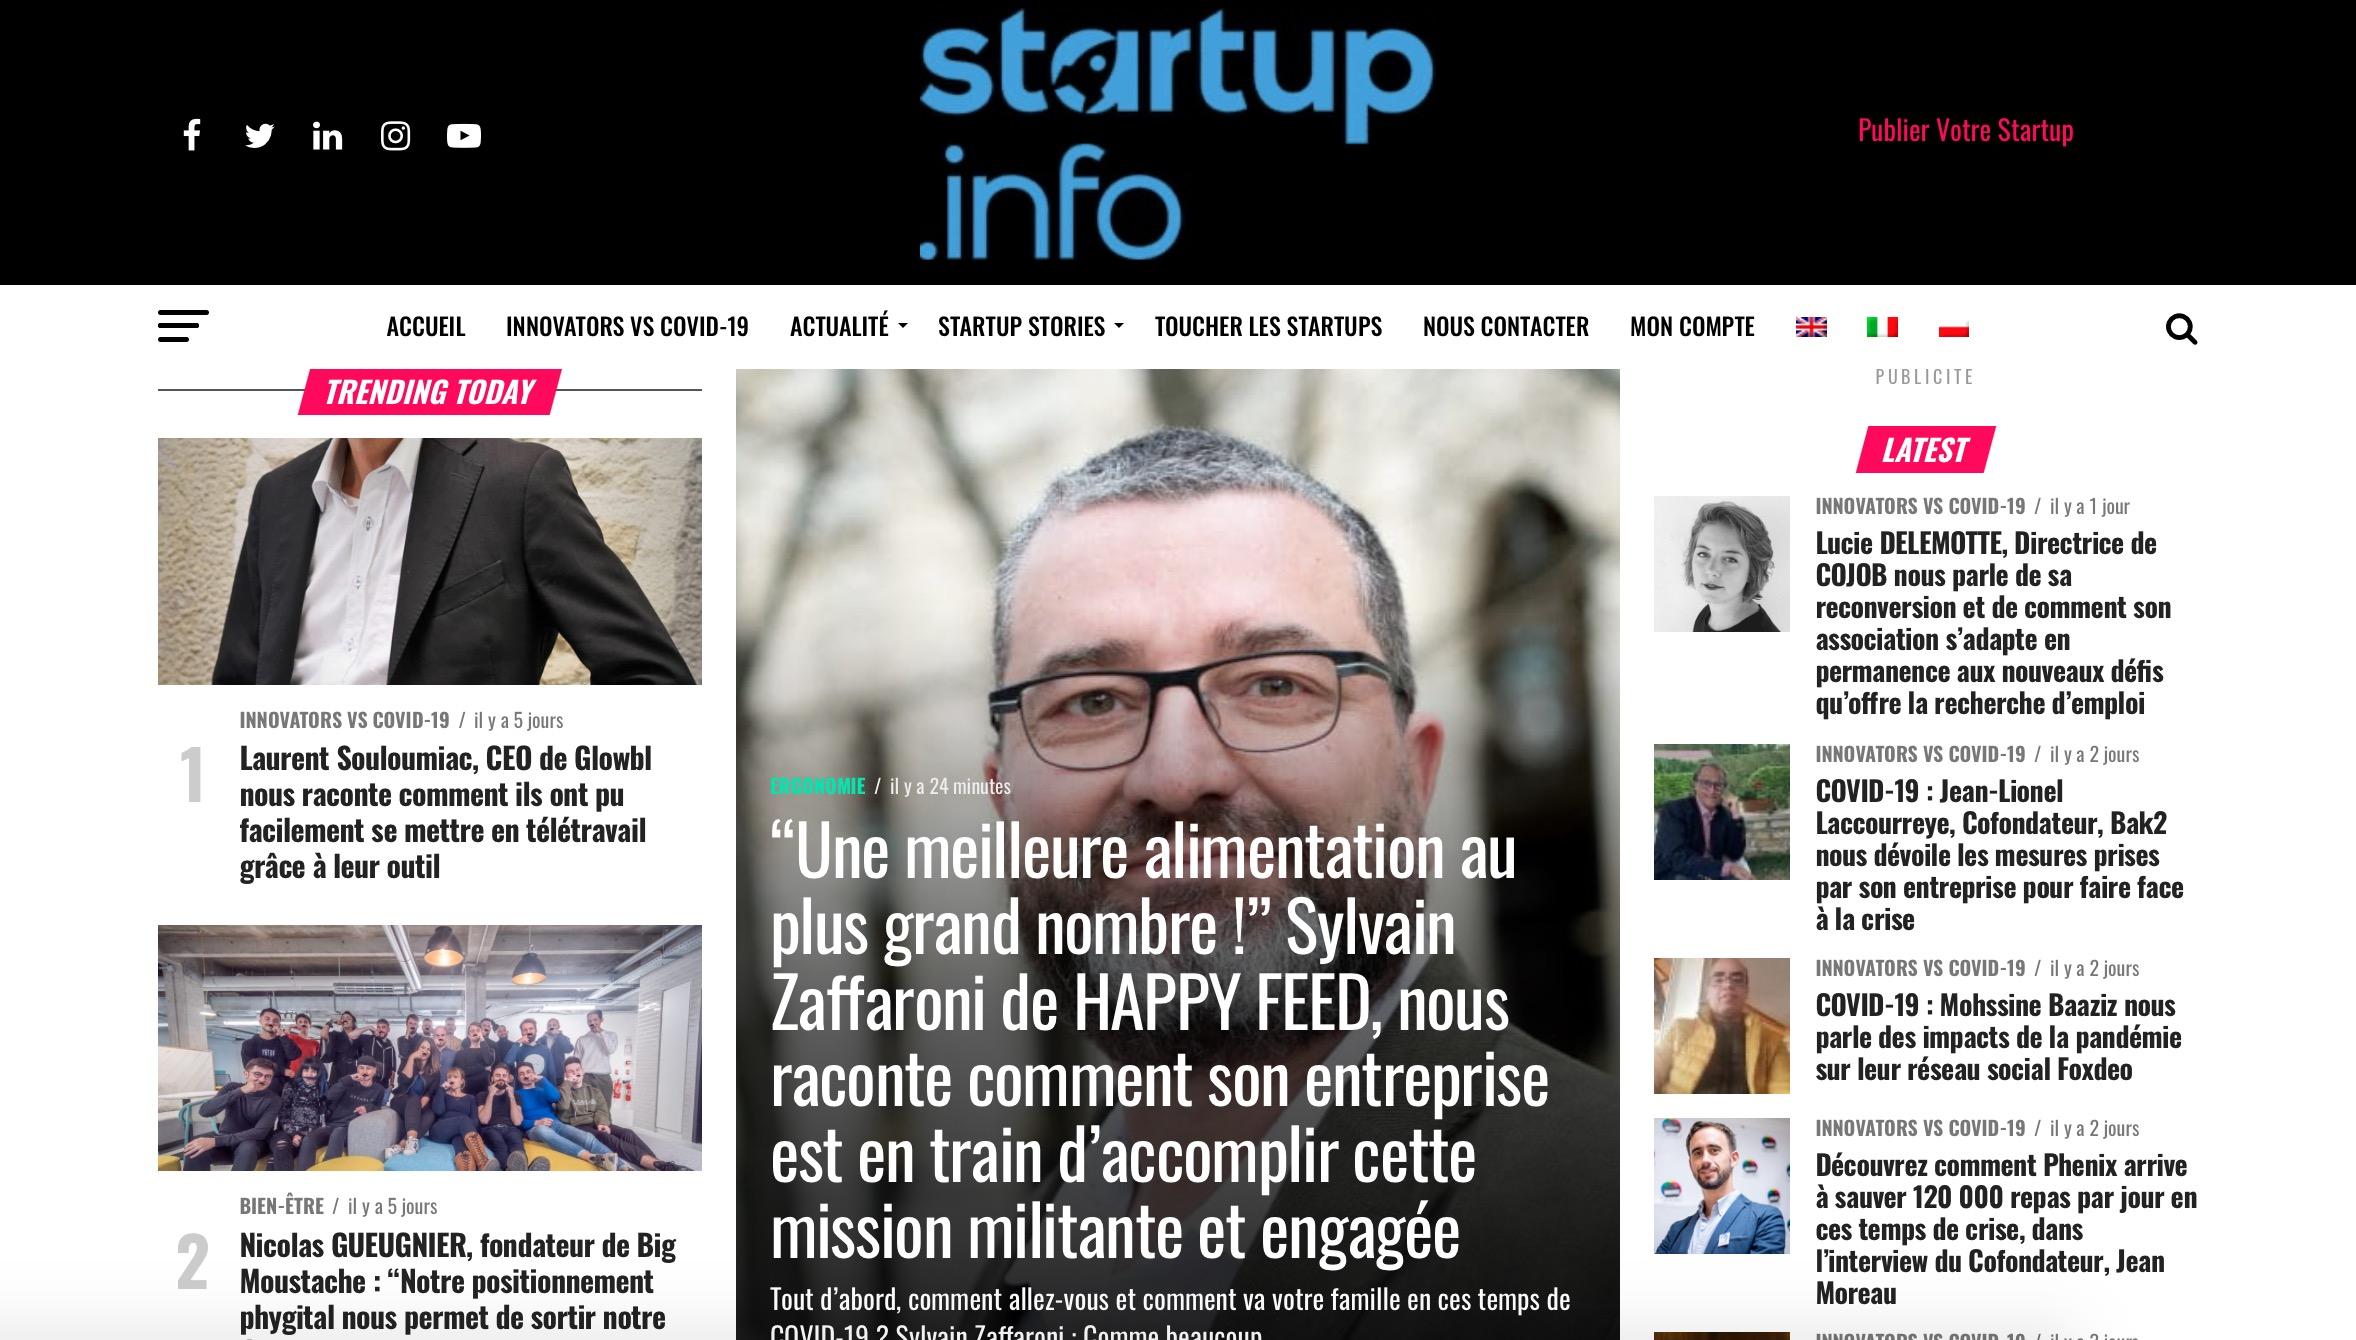 Capture decran 2020 09 06 a 12.27.31 - Interview de Sylvain Zaffaroni dans le média Startup.info